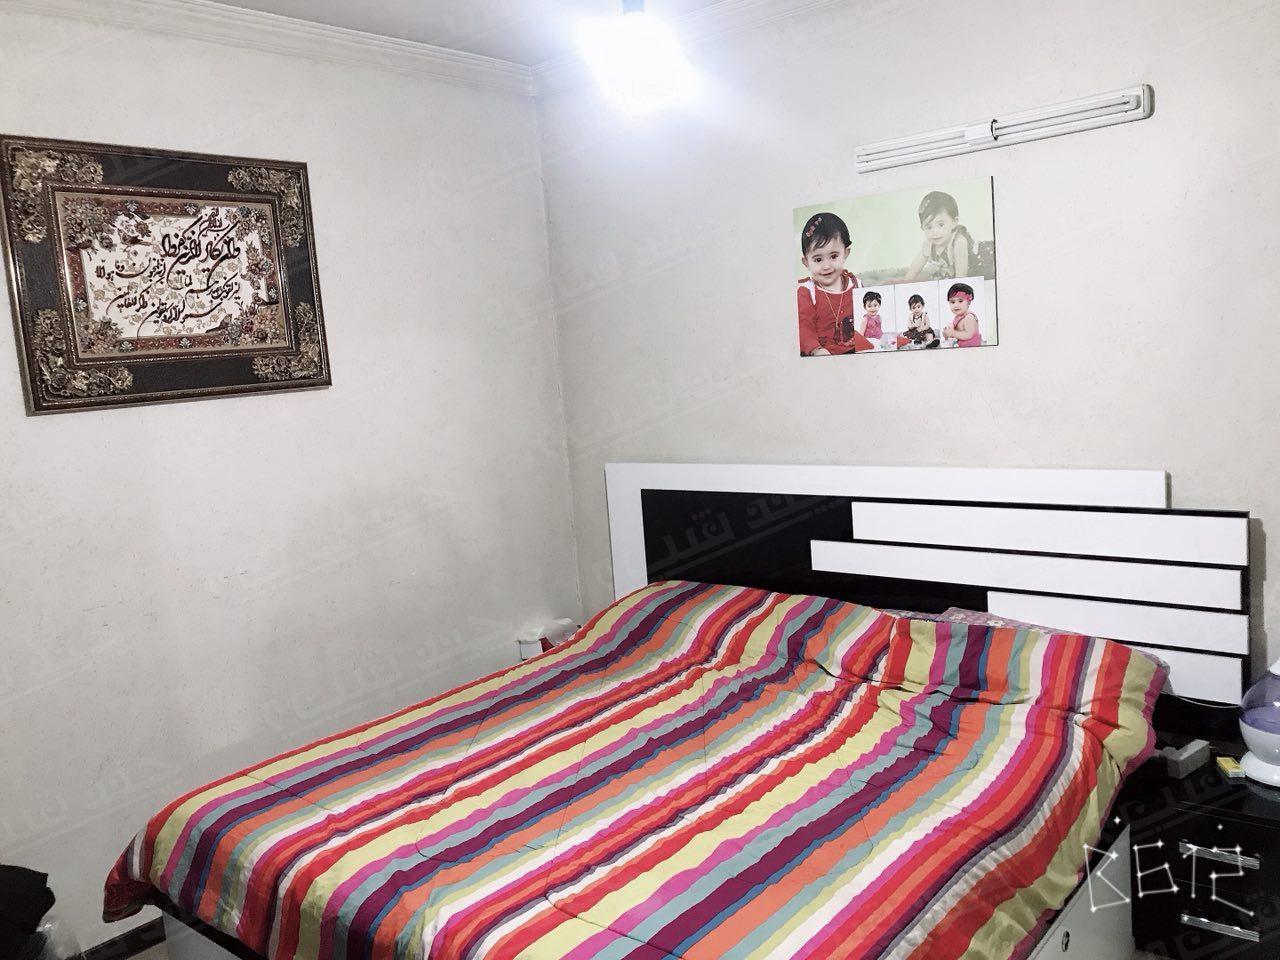 آپارتمان مبله در مرکز شهر اصفهان - 120